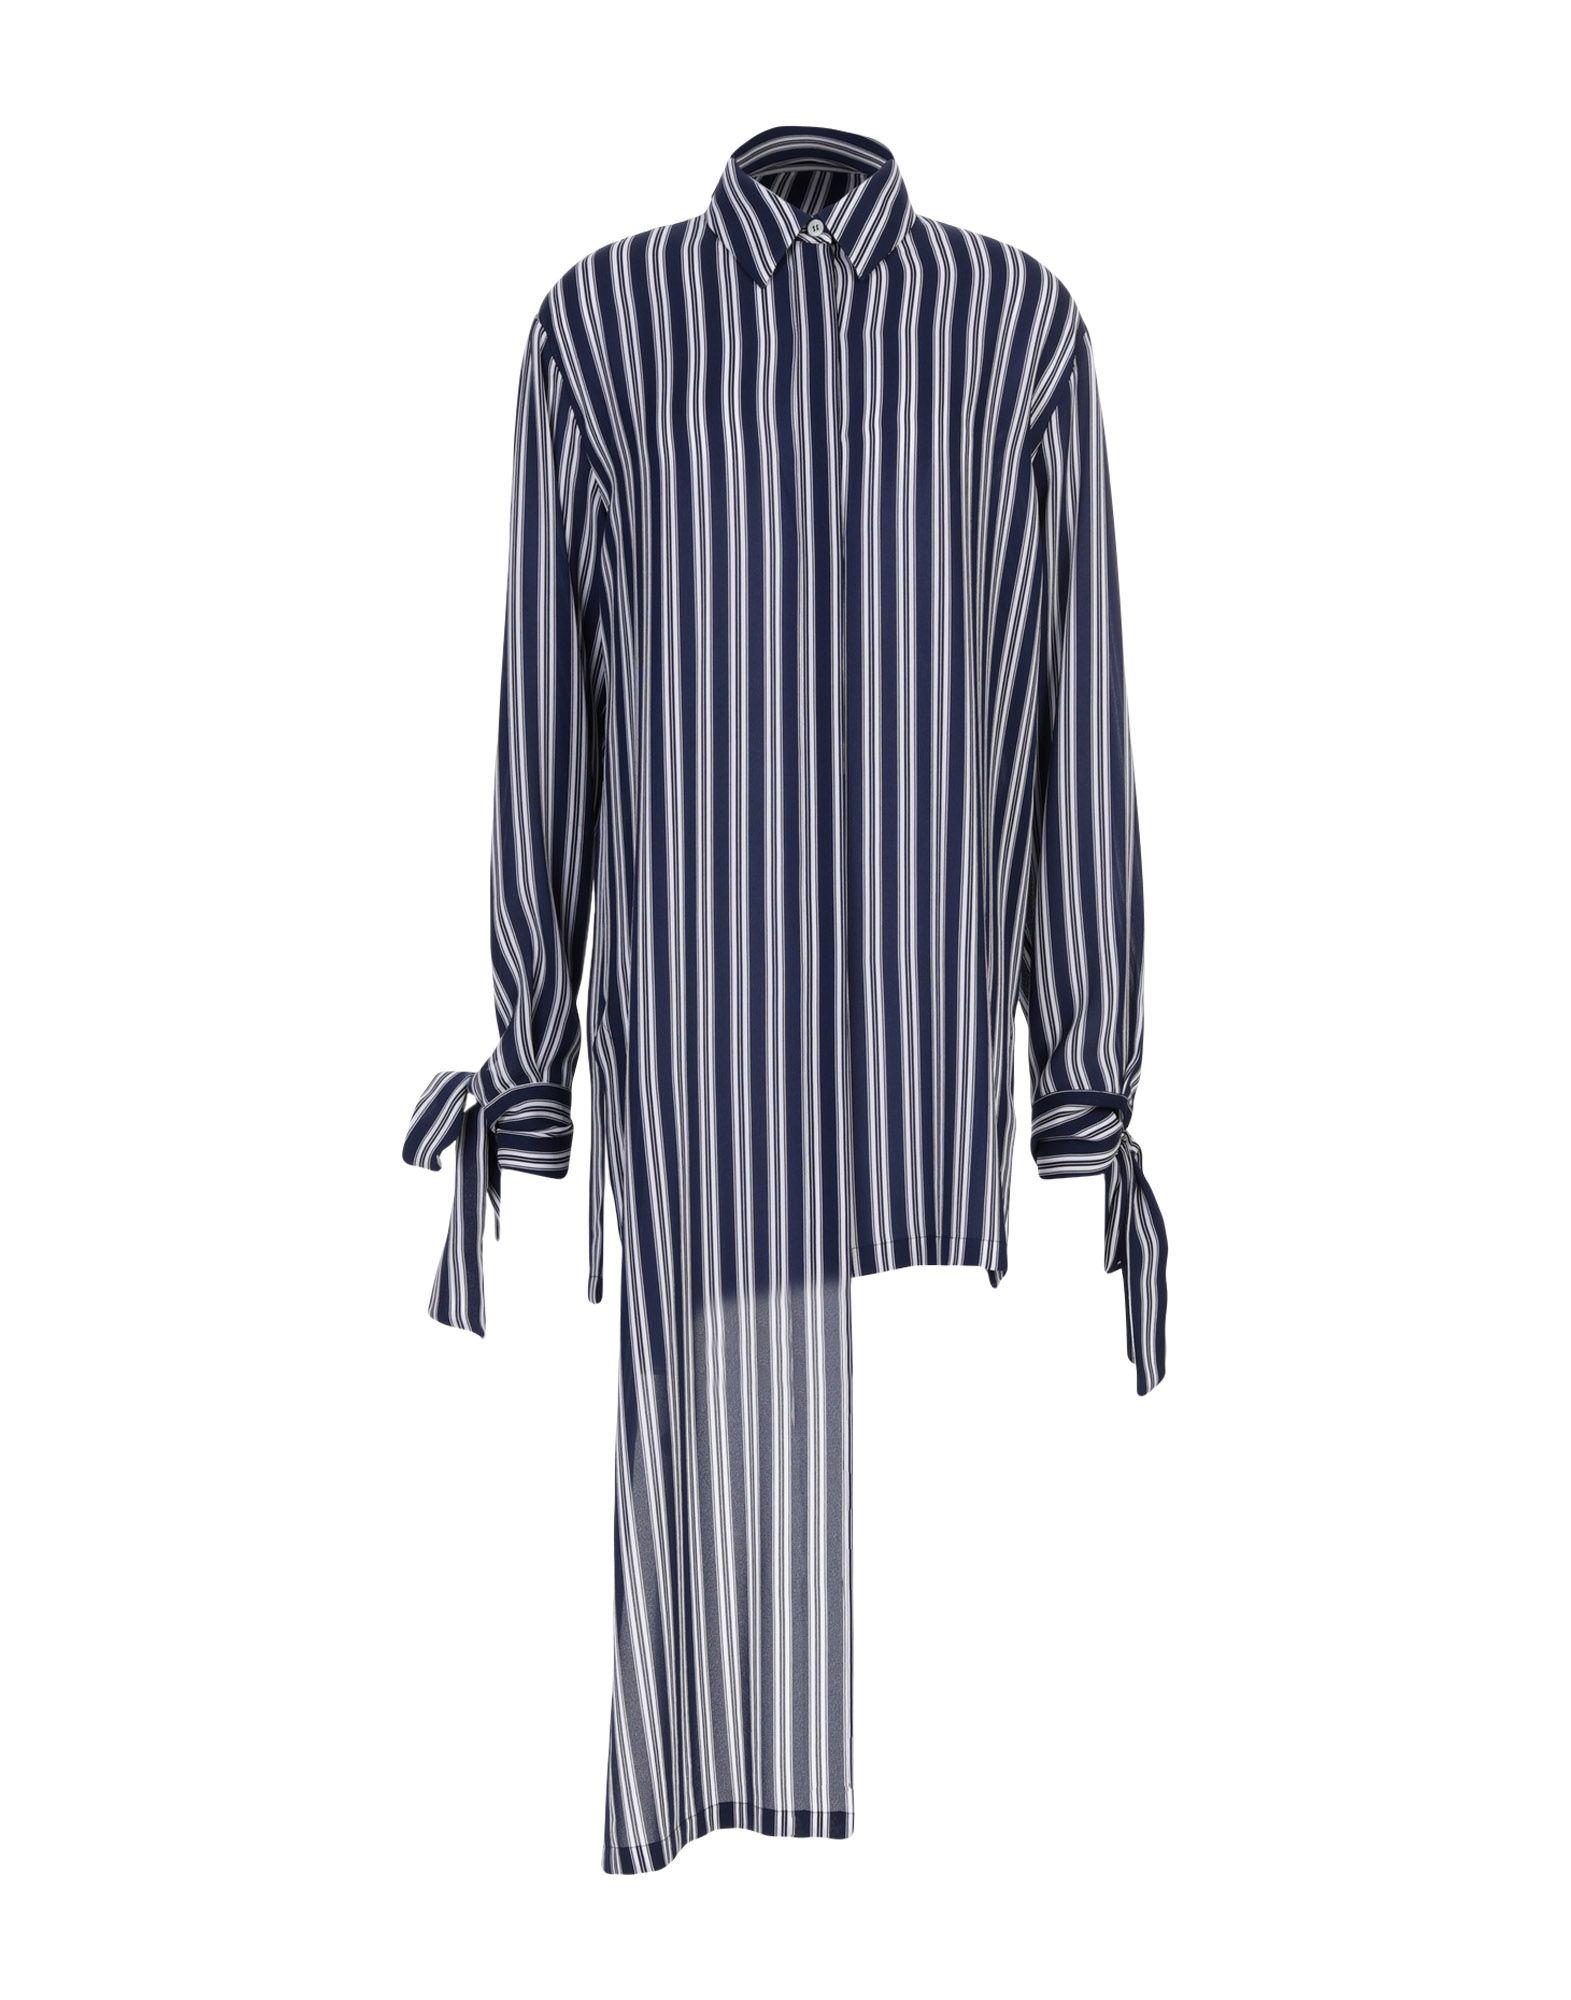 《送料無料》MICHAEL KORS COLLECTION レディース シャツ ダークブルー 2 シルク 100%